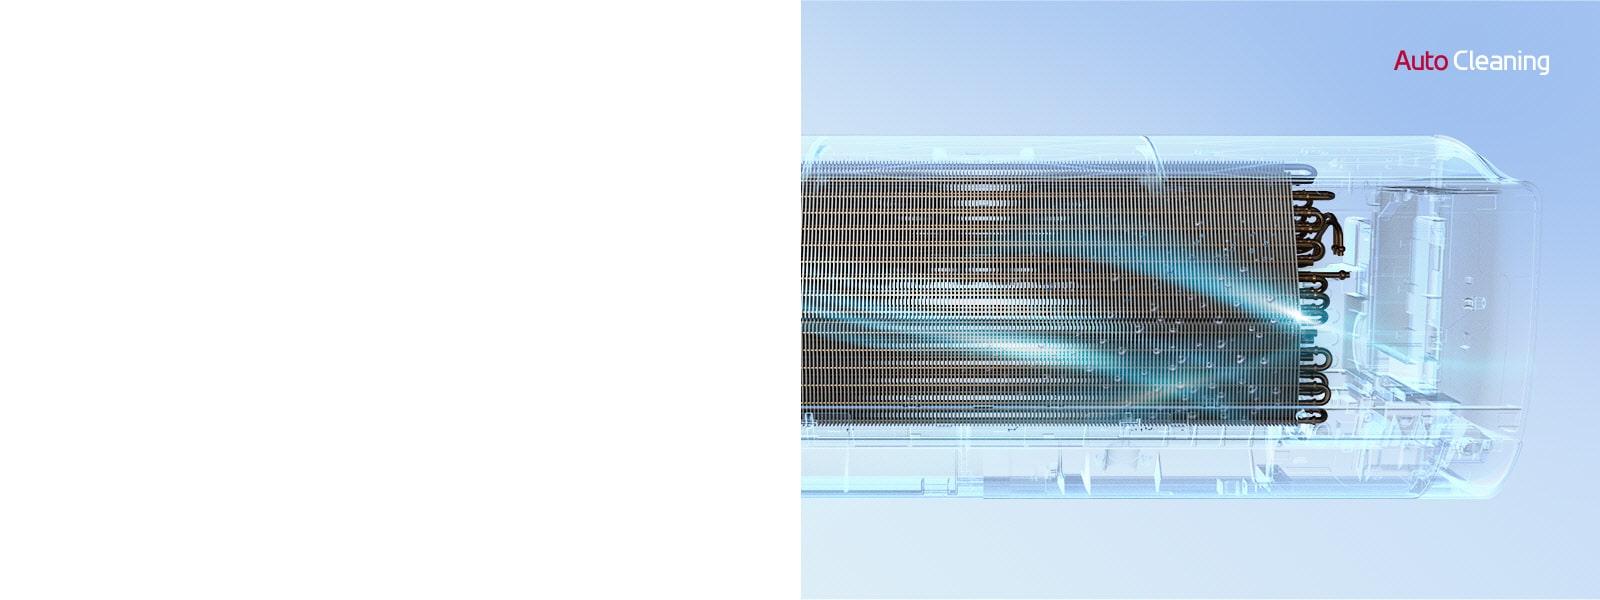 Prikaz LG klima-uređaja s prednje strane s vanjskim dijelom koji je potpuno nevidljiv tako da se može vidjeti unutarnji dio uređaja. Uređaj radi, a zatim se pali plavo svjetlo, odnosno mehanizam za automatsko čišćenje, te prelazi preko uređaja plavim svjetlom. Logotip AutoCleaning nalazi se u gornjem desnom kutu.